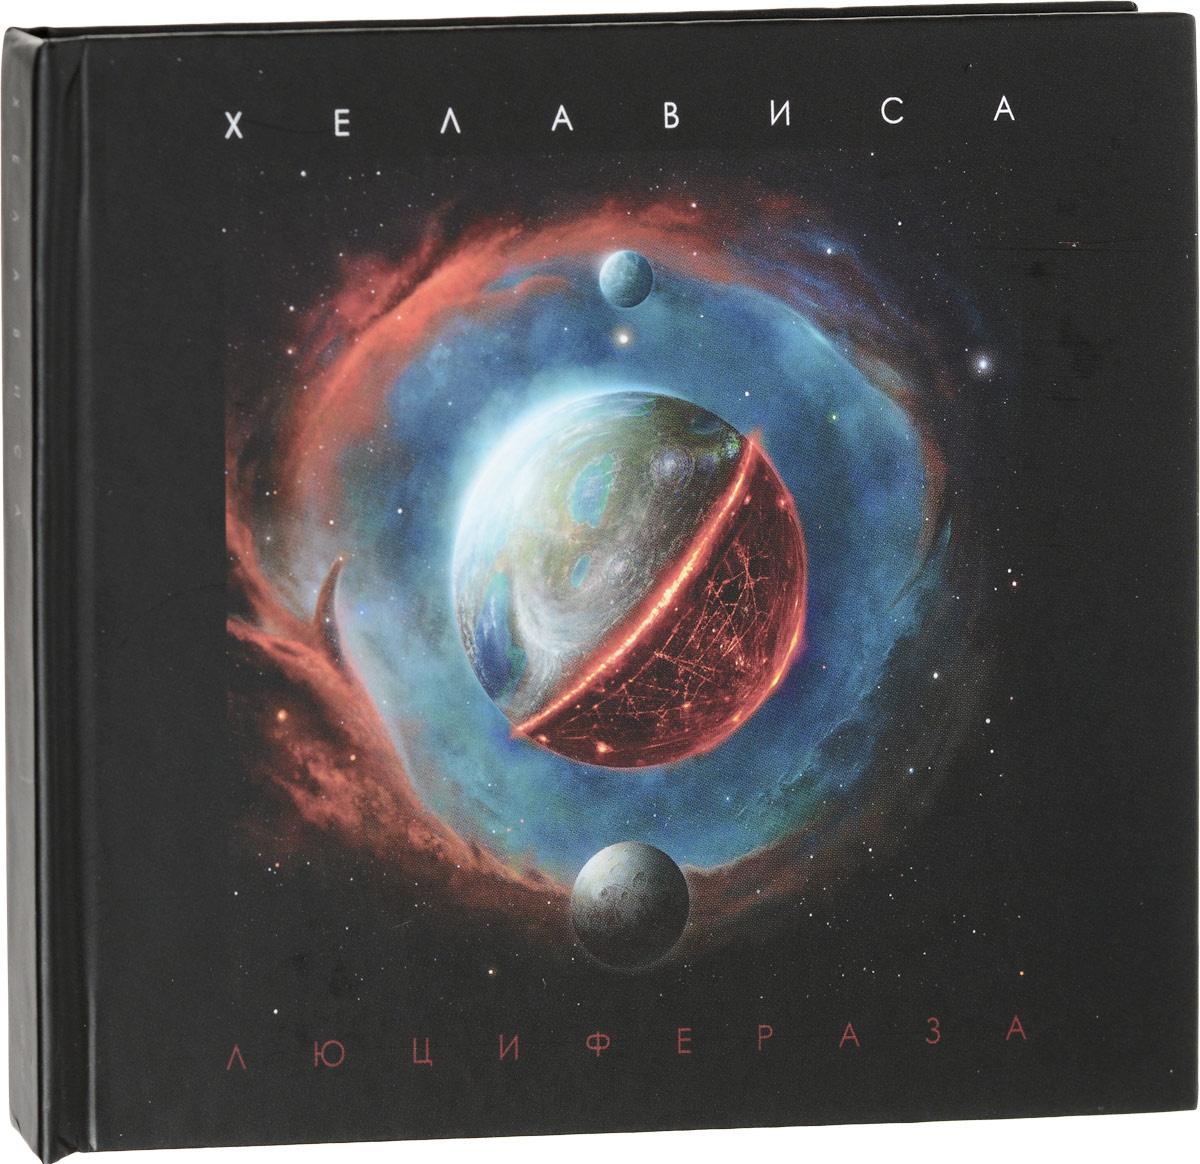 Хелависа. Люцифераза. Deluxe Edition #1